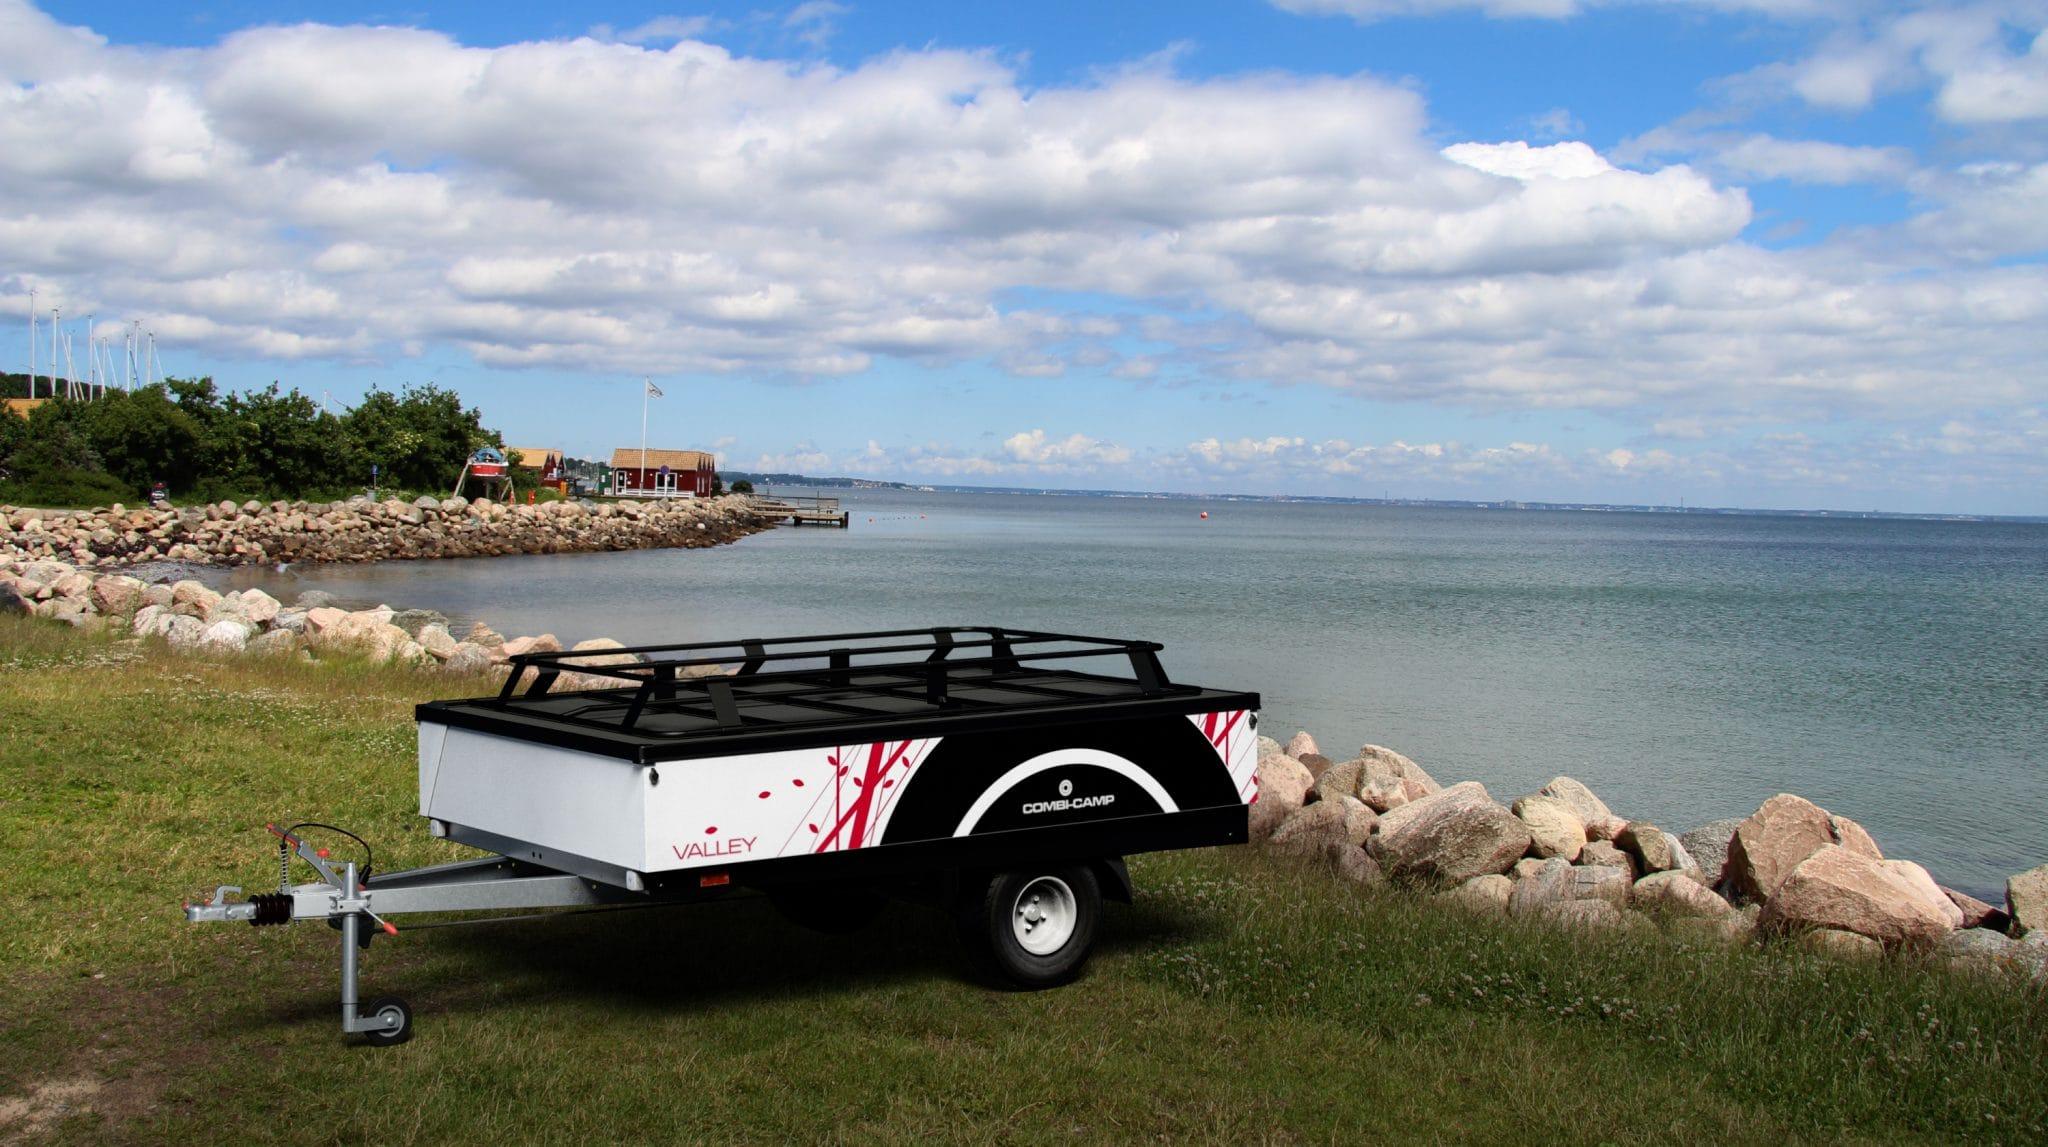 Combi-Camp Valley Pure vouwwagen kopen